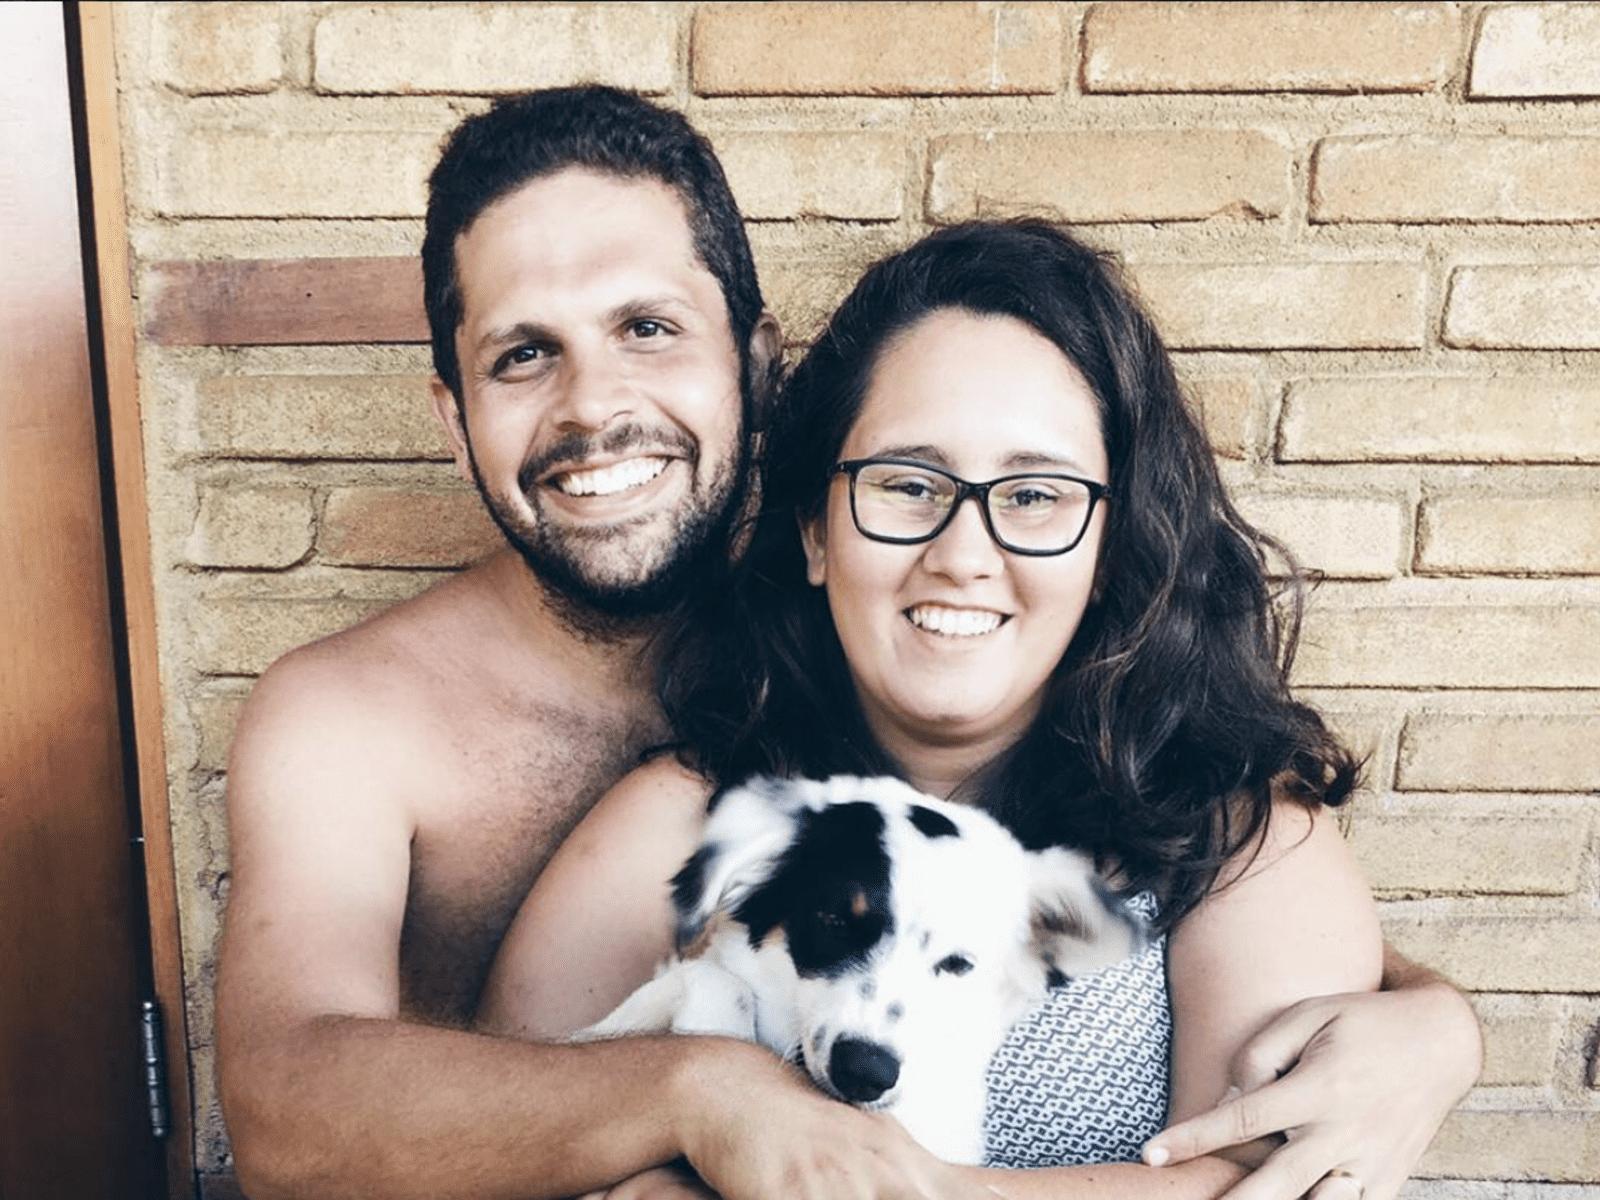 Julia & Rafael from Niterói, Brazil